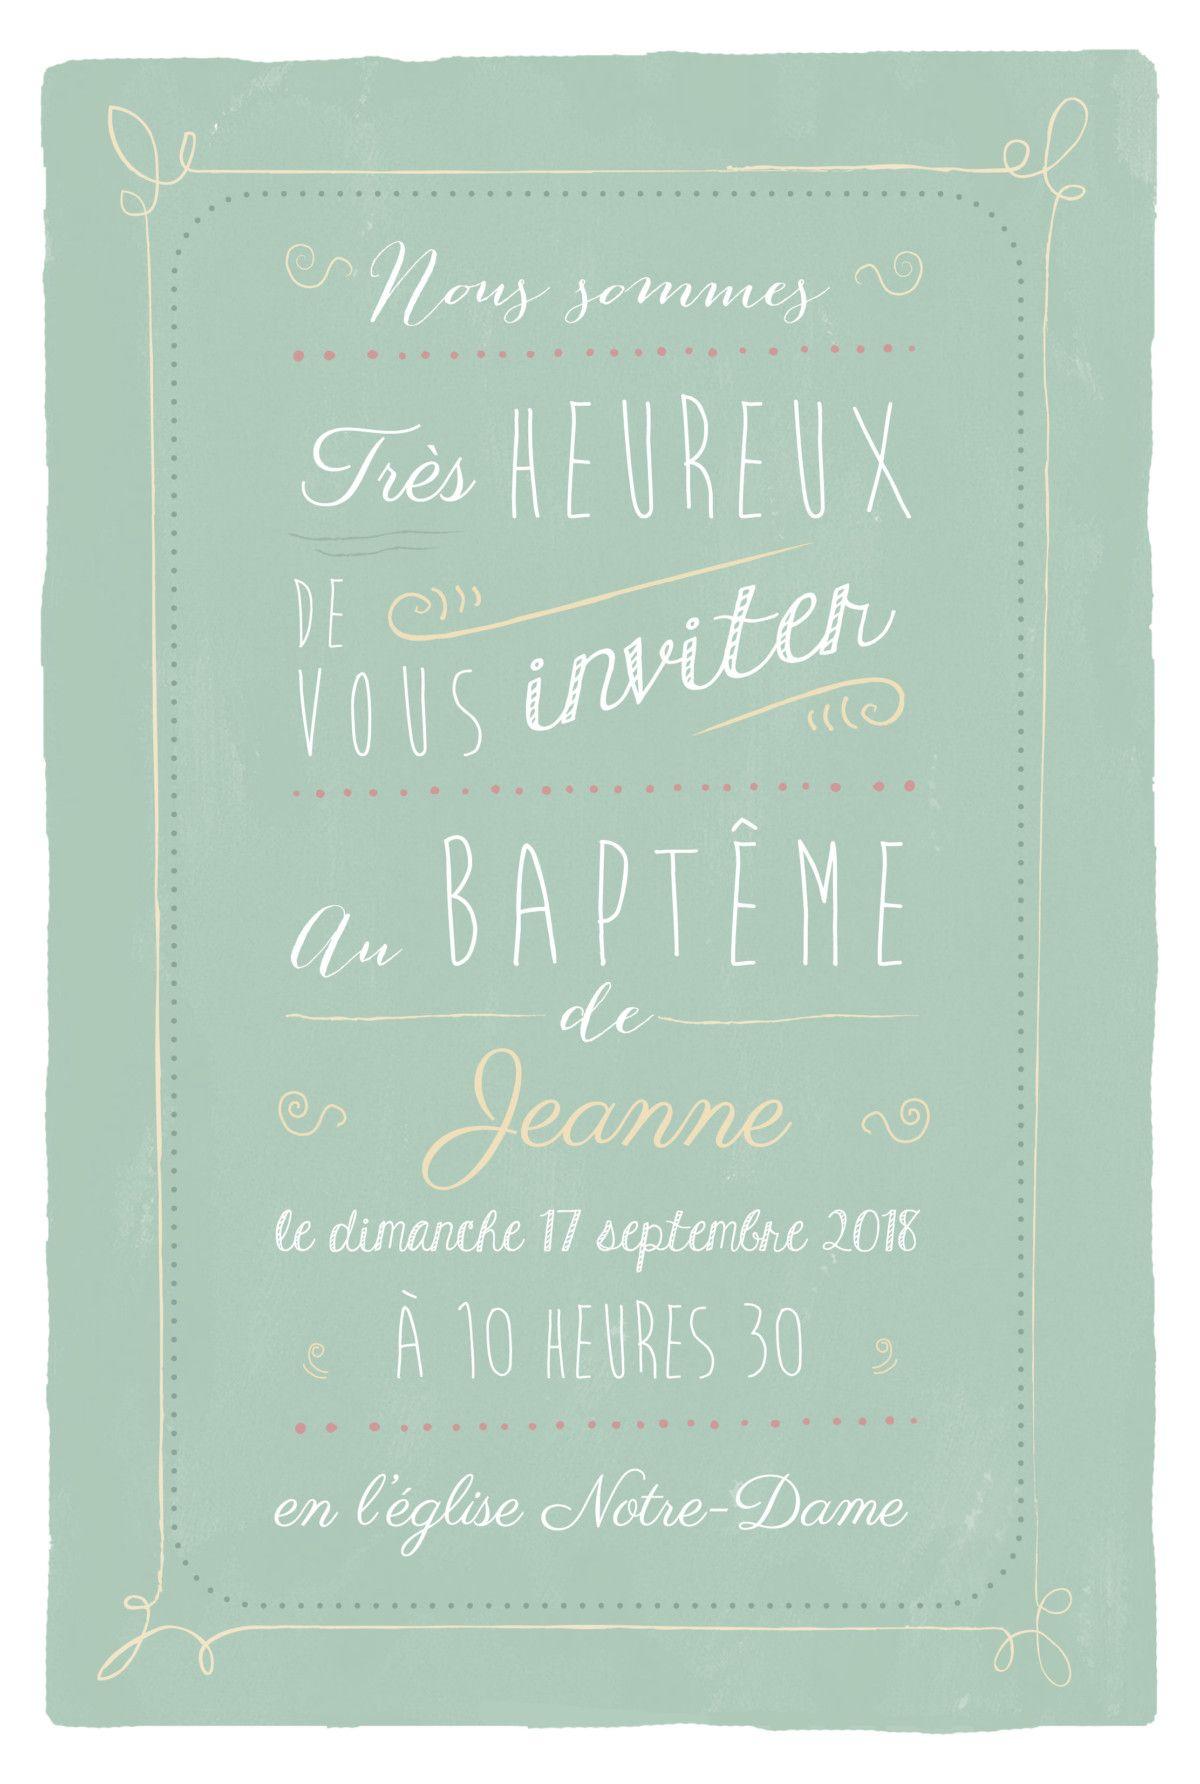 Avec le faire-part de baptême Happy day, vous inviterez vos proches à une journée festive et placée sous le signe de la bonne humeur. ...